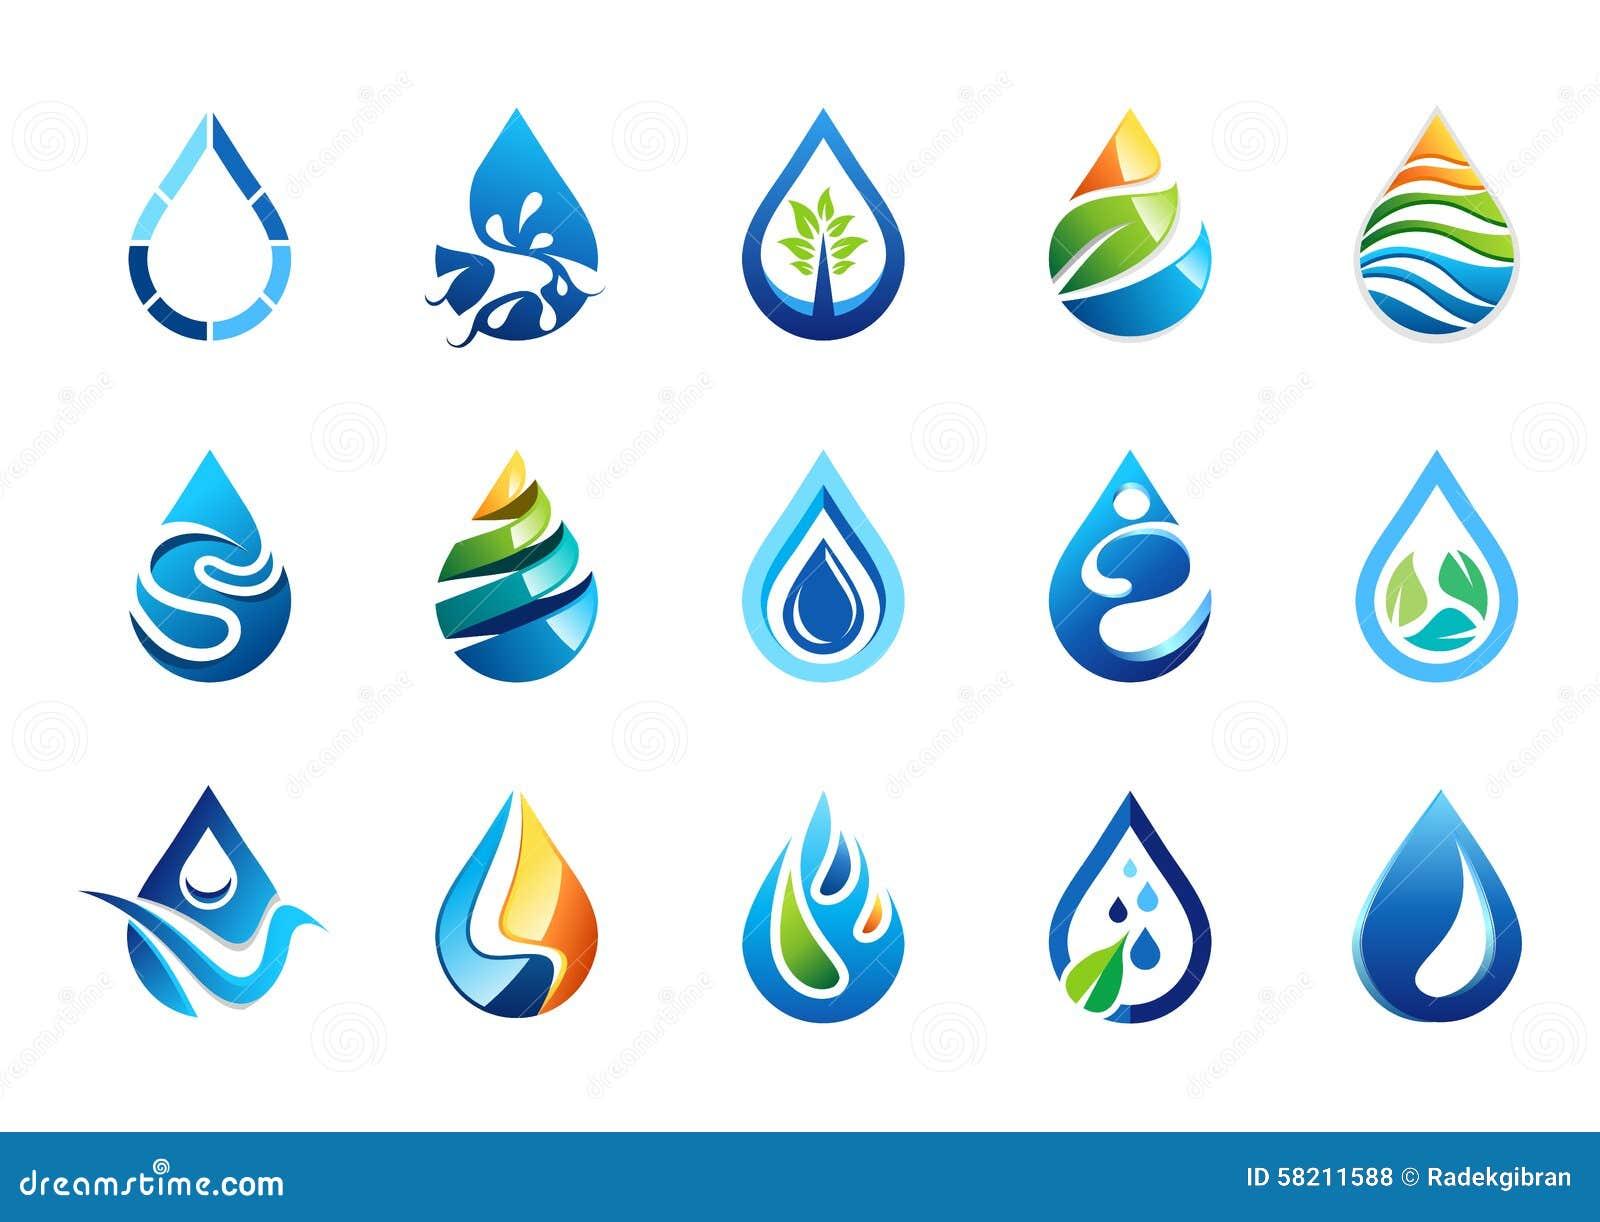 Molhe o logotipo das gotas, grupo de ícone do símbolo das gotas da água, projeto do vetor dos elementos das gotas da natureza